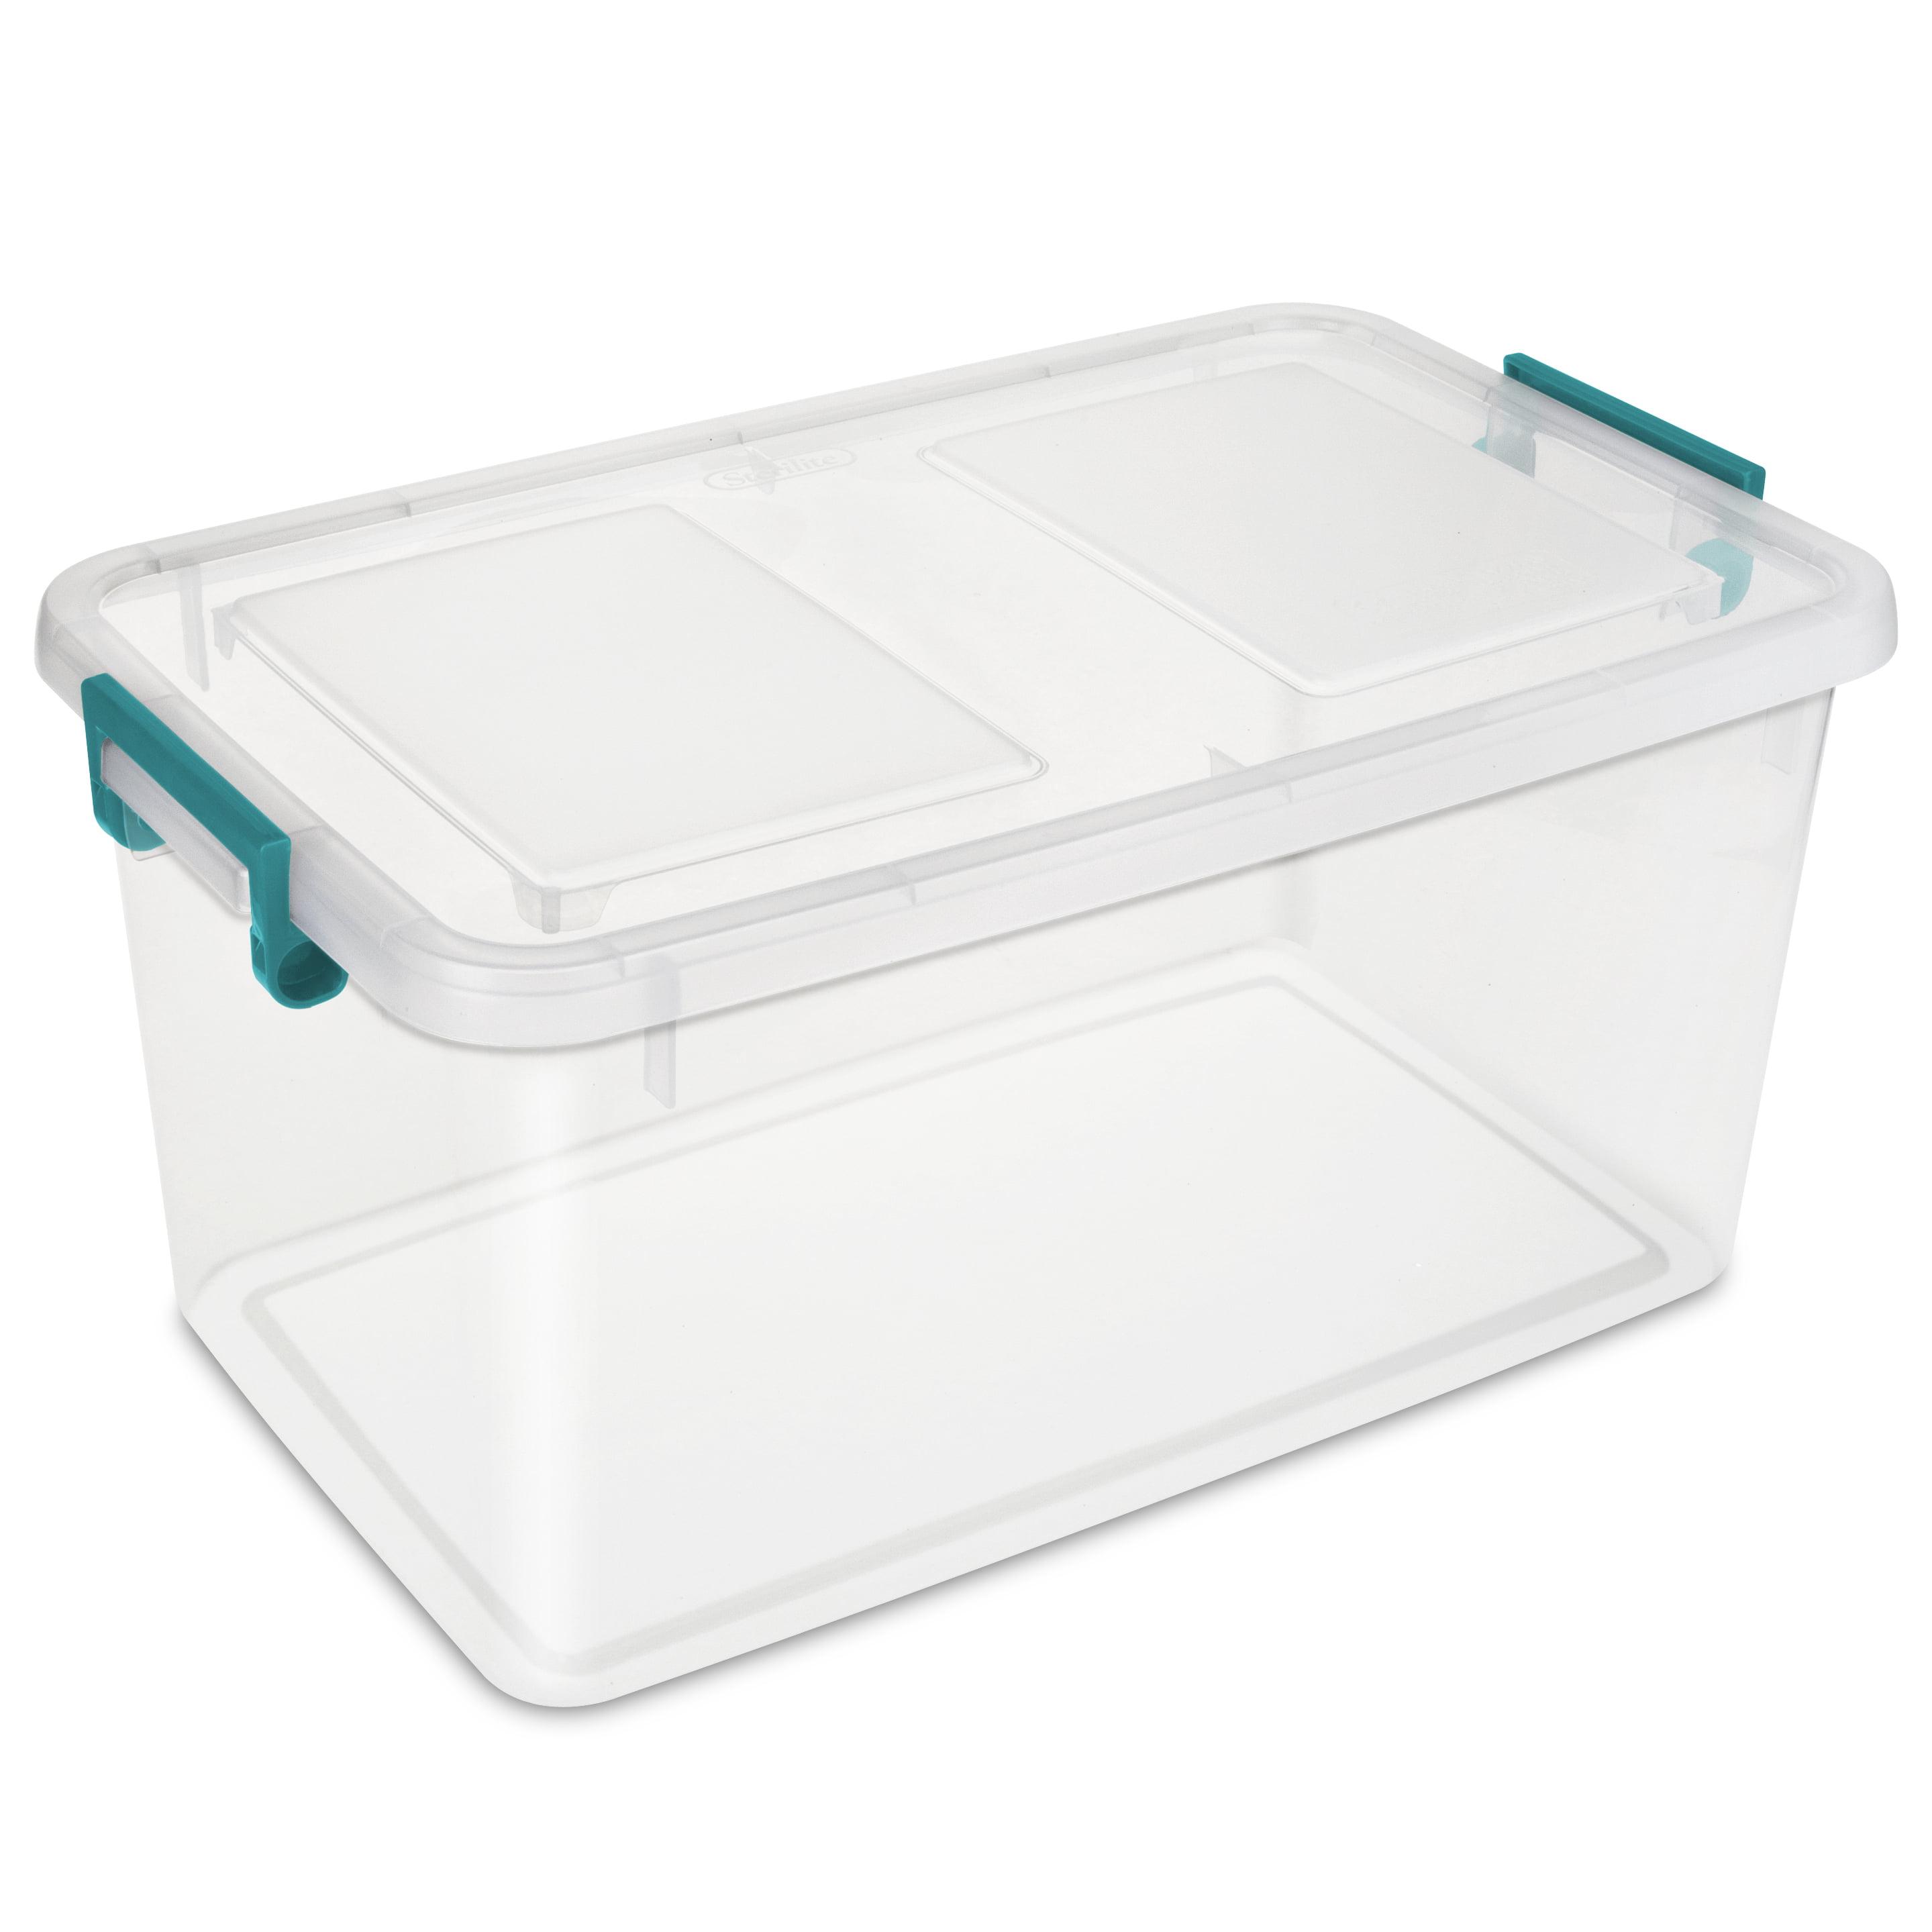 Sterilite, 51 Quart / 48 Liter Modular Latch Box